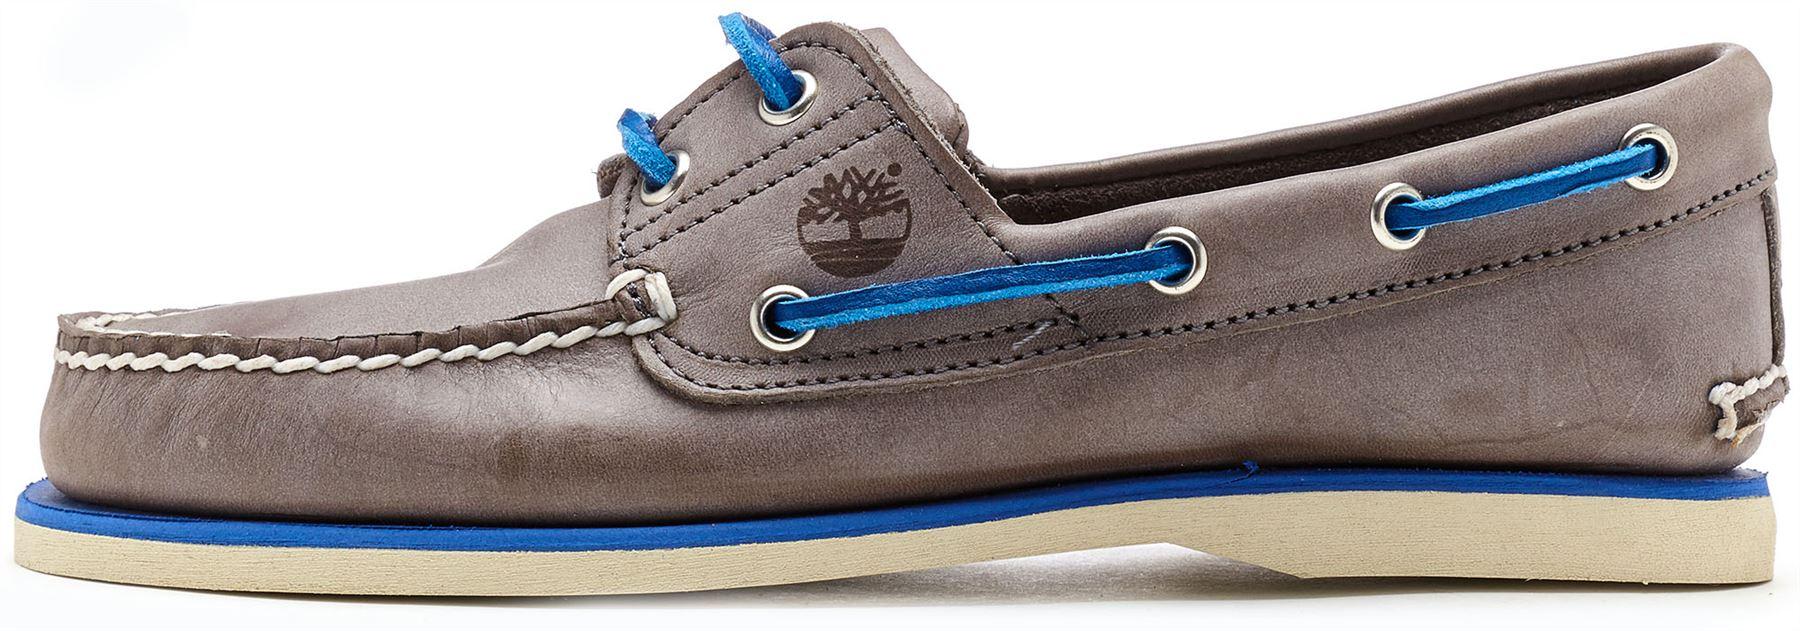 cc42e699eab amp  2 Chaussures En Bateau Bleu Classique Gris Oeillet Cuir Timberland  x7gqHOwC